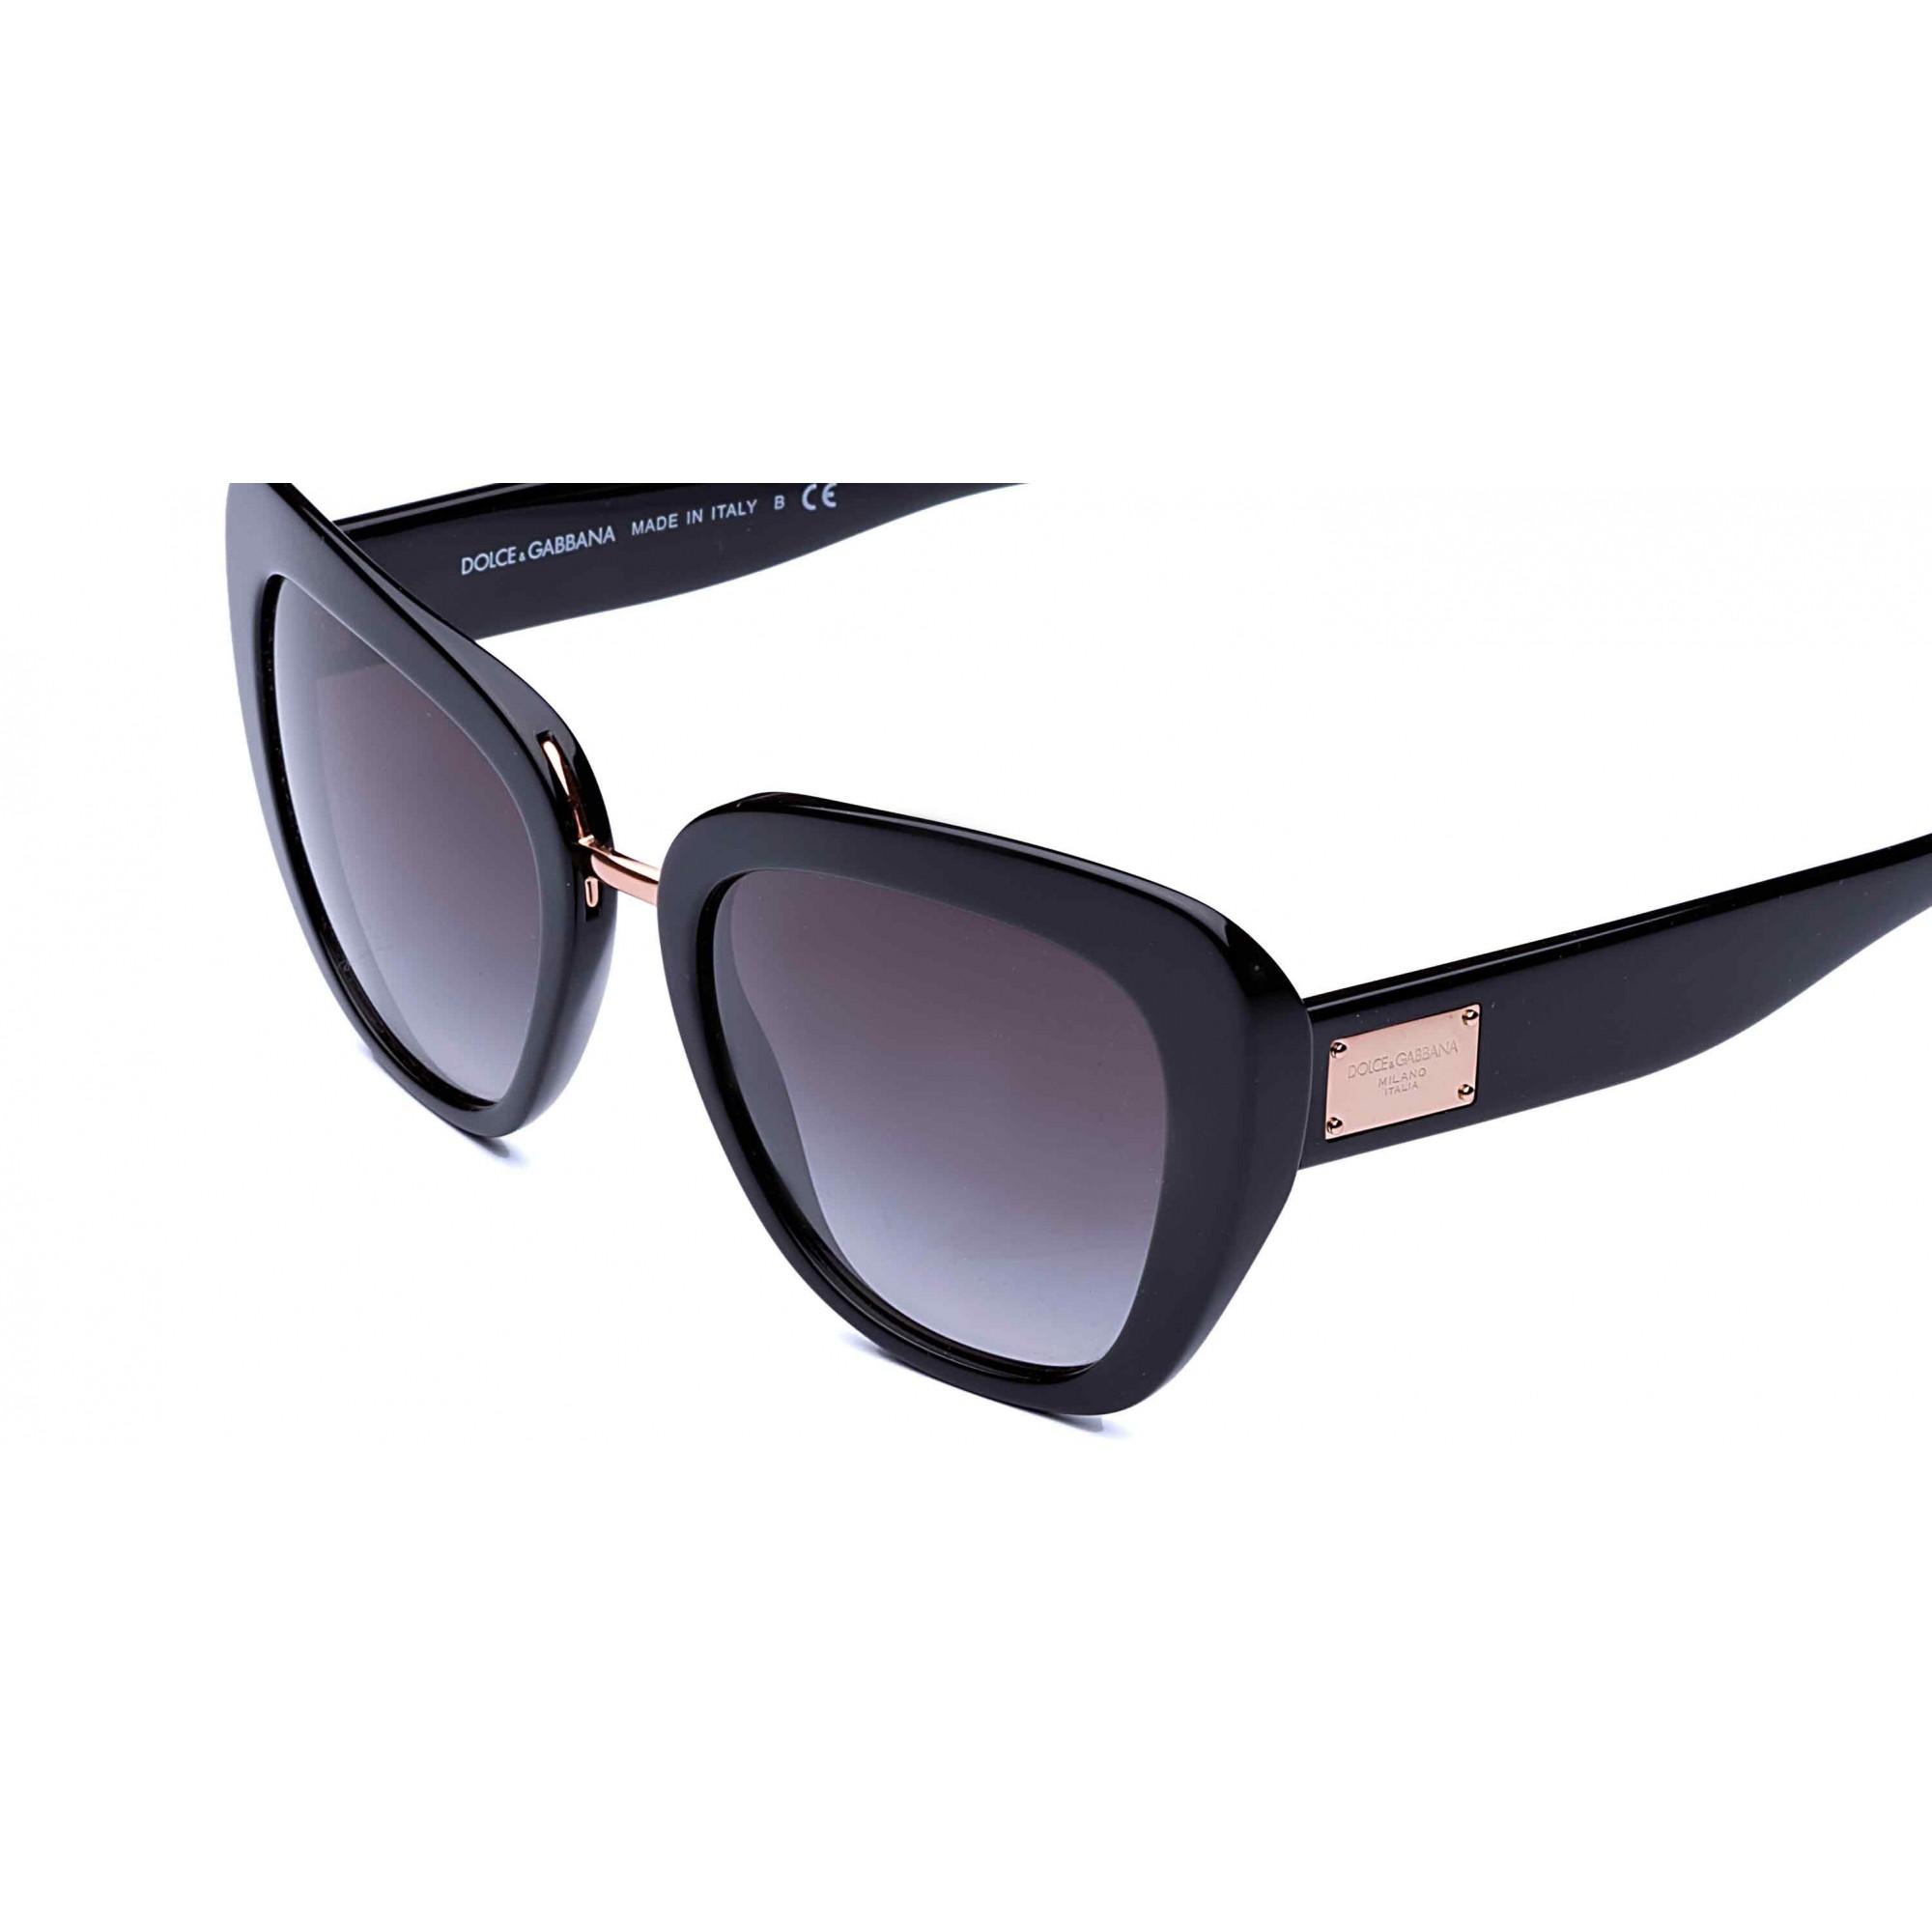 Óculos de Sol DG4296 Dolce & Gabbana - Original